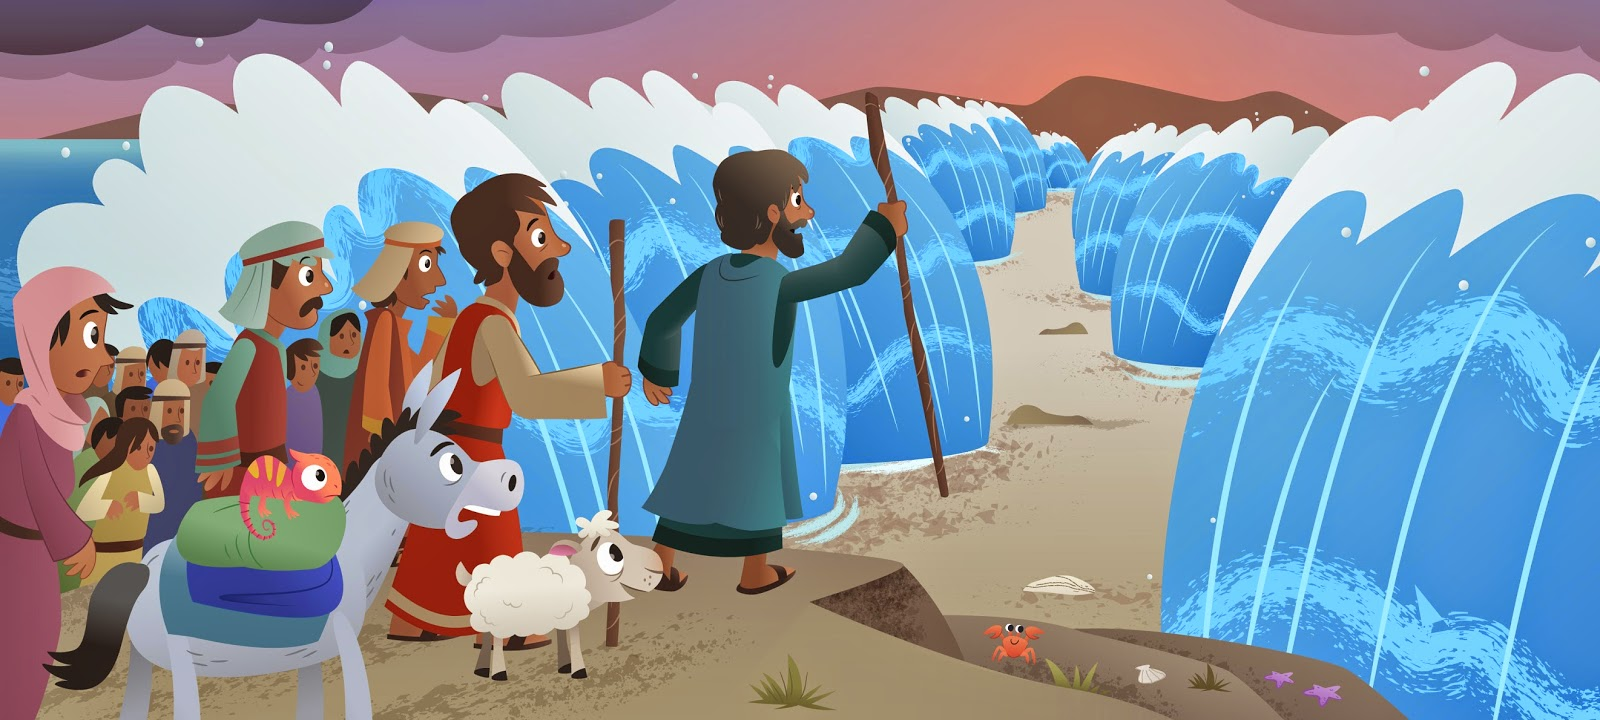 Детские христианские картинки, продажа